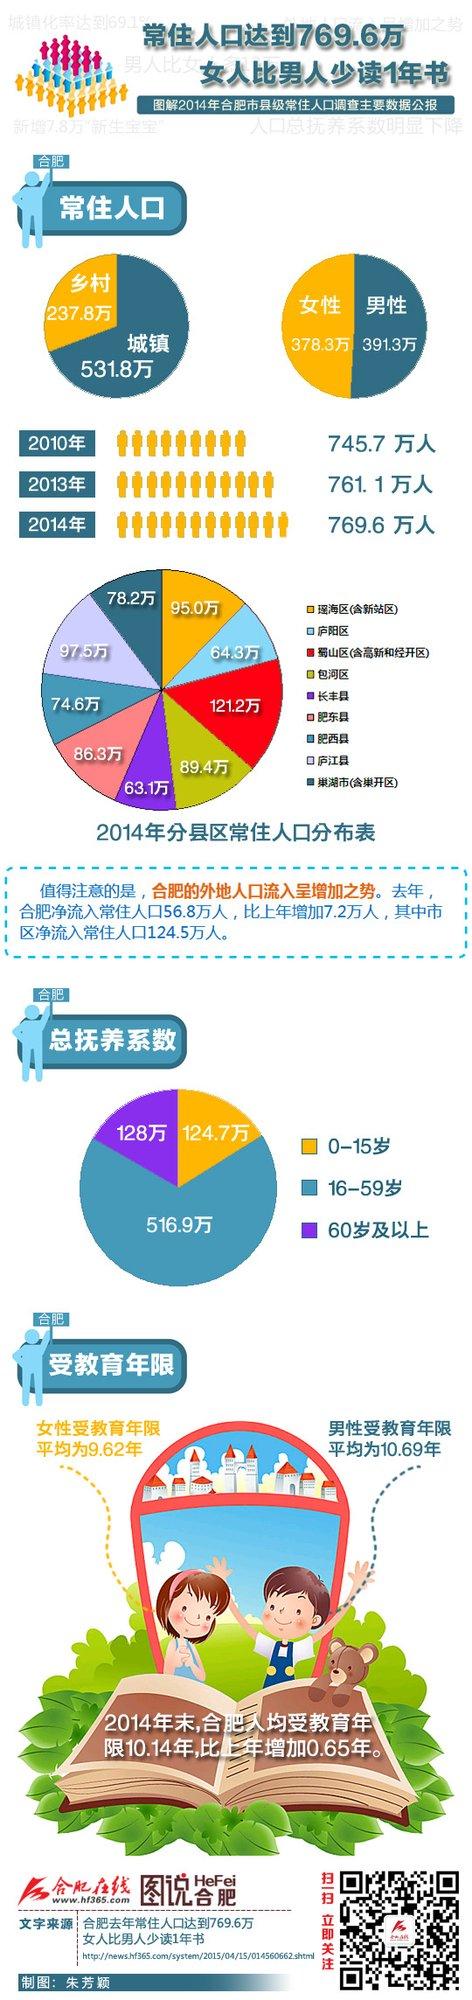 """合肥人口数_中部""""人口第一城""""易主?郑州超过武汉首次登顶,人口增加数百万"""